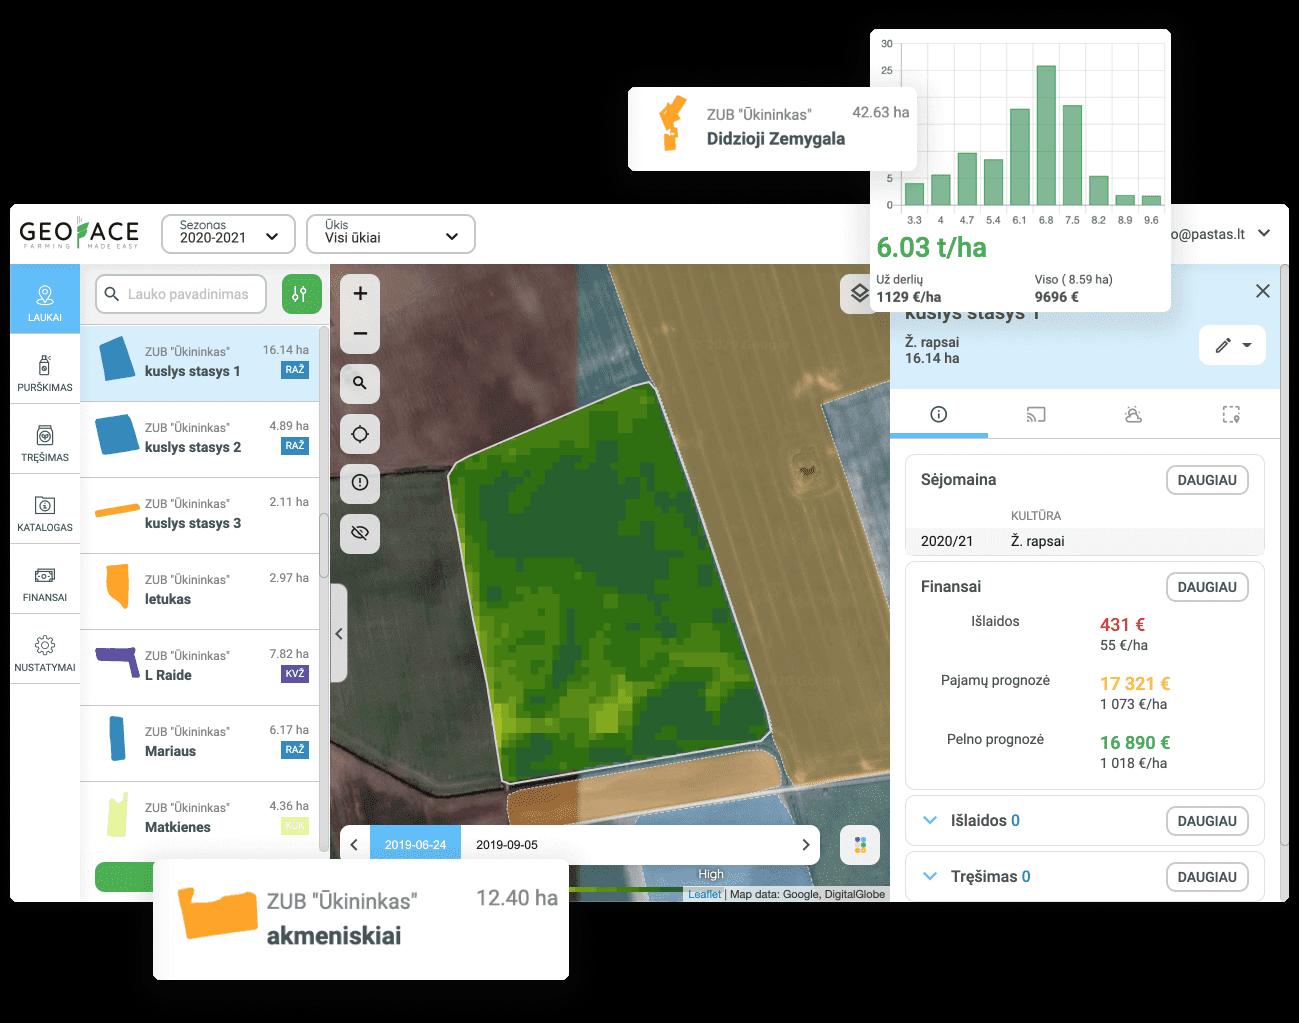 sunku prižiūrėti visų pasėlių augimą? Jums nereikia važiuoti į lauką - su Geface sistema galite vienu metu stebėti visų savo laukų augimą vienu metu bei aptikti problemines lauko vietas.